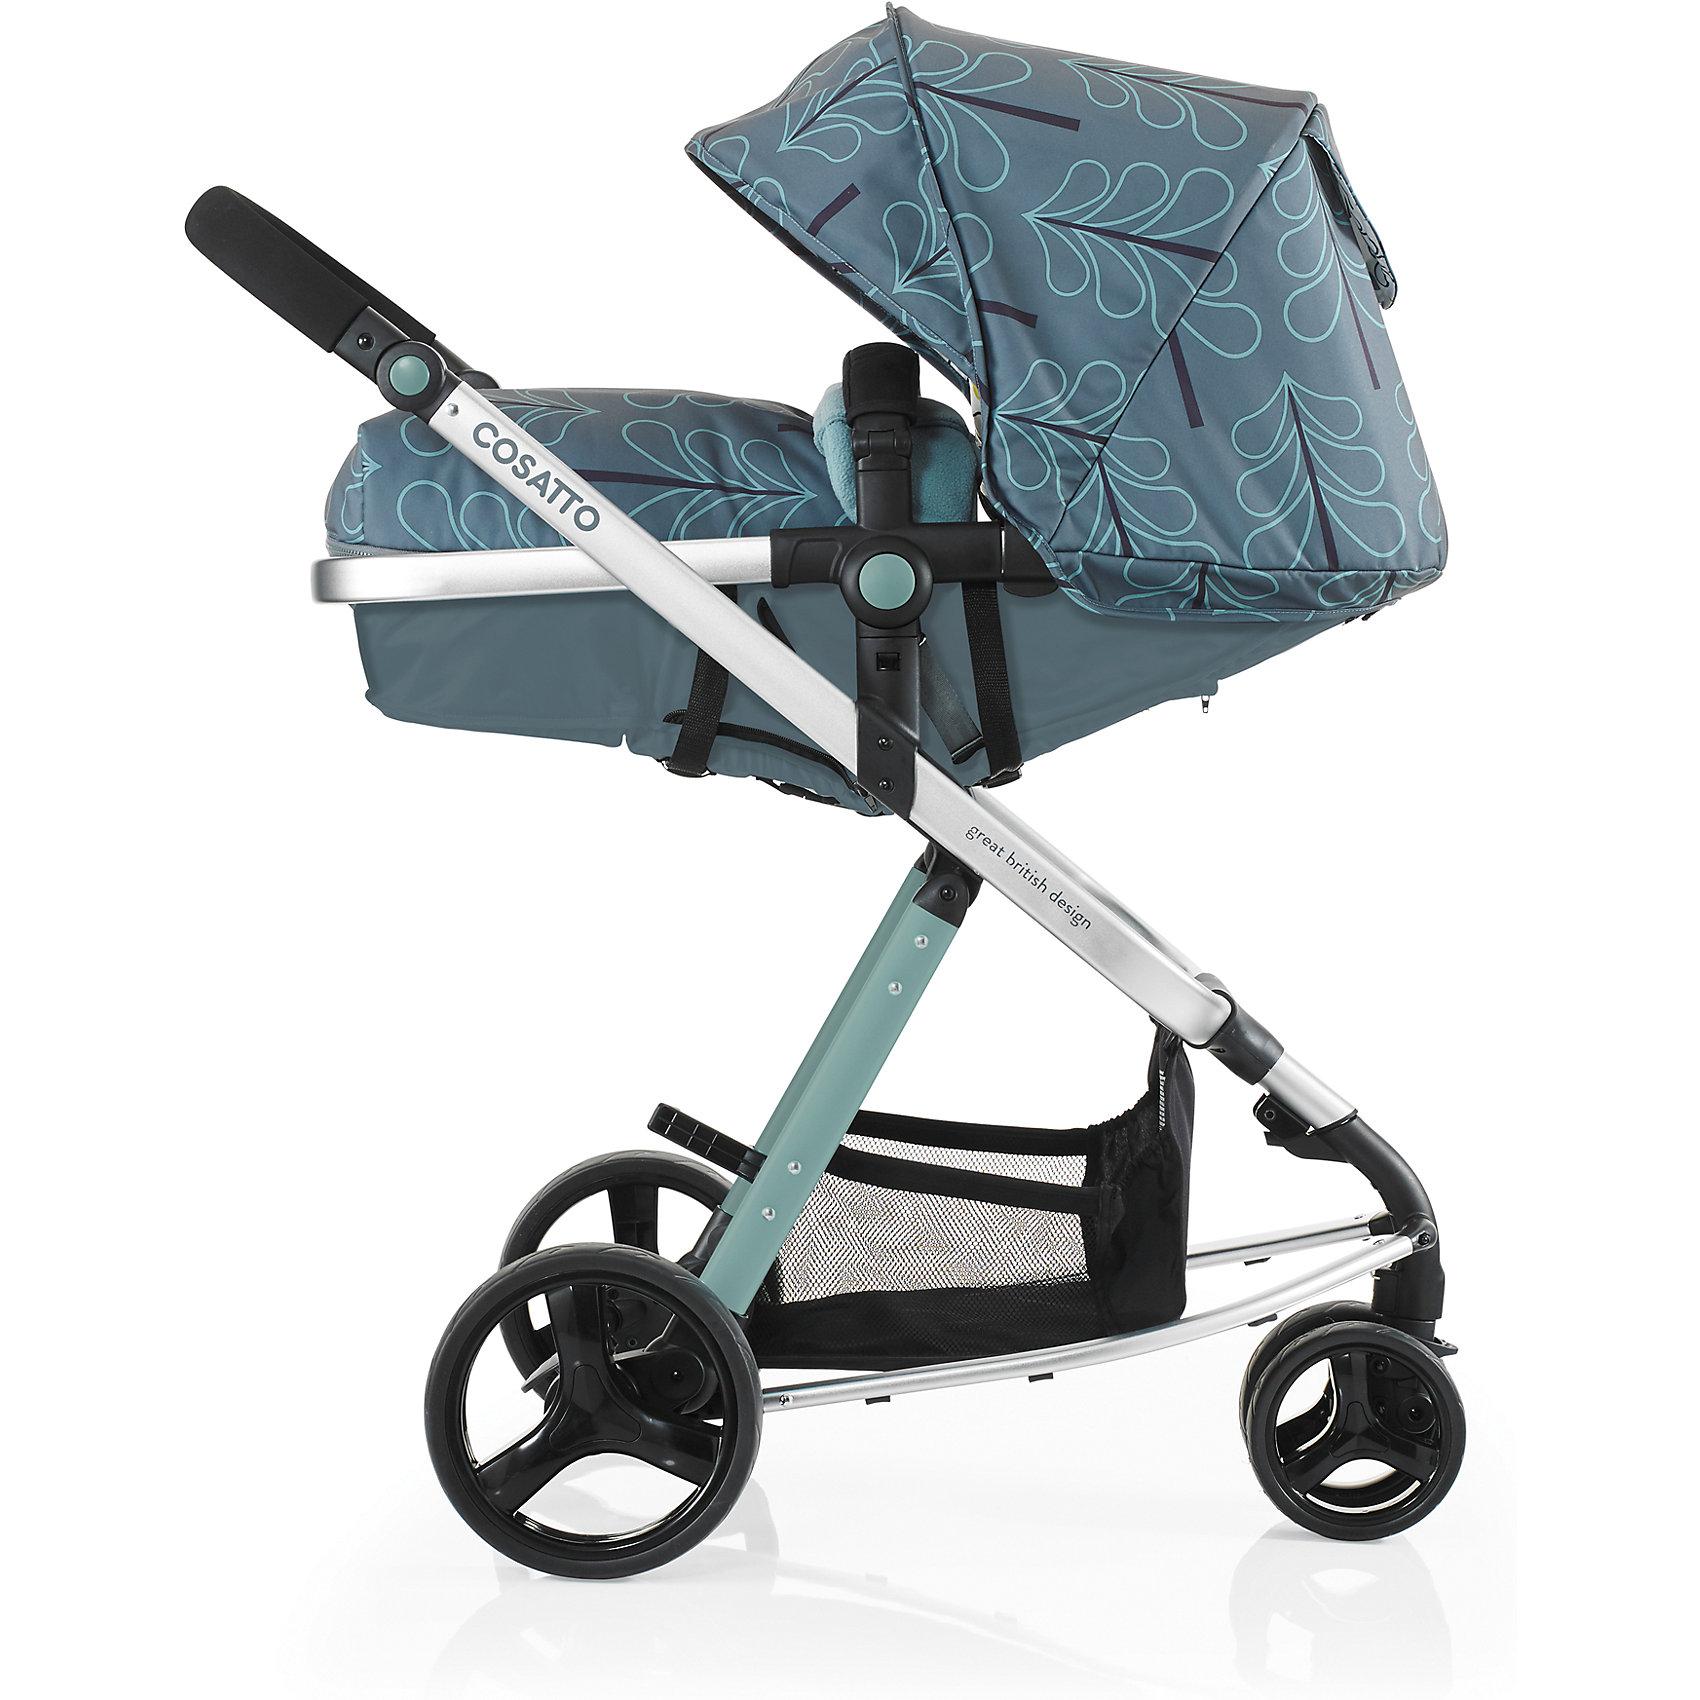 Коляска-трансформер Cosatto Woop, FjordКоляски-трансформеры<br>Характеристики коляски-трансформер<br><br>Люлька:<br><br>• люлька превращается в прогулочный блок и обратно;<br>• люлька используется с рождения до 6-8 месяцев;<br>• допустимая нагрузка: до 9 кг;<br>• капюшон опускается почти до бампера;<br>• капюшон оснащен солнцезащитным козырьком и смотровым окошком под клапаном на магните;<br>• материал: пластик, полиэстер;<br>• внутренние размеры люльки: 80х32х7/14 см.<br><br>Прогулочный блок:<br><br>• реверсивное сиденье, 2 способа установки на шасси;<br>• регулируется угол наклона спинки, 4 положения вплоть до горизонтального;<br>• положение подножки регулируется вместе с сиденьем;<br>• съмный бампер;<br>• система 5-ти точечных ремней безопасности с плечевыми и паховой накладками;<br>• ремни регулируются по длине и высоте;<br>• конверт 4-х сторонний, имеются прорези для ремней безопасности и липучки для крепления;<br>• съемные чехлы прогулочного блока, стирка при температуре 30 градусов;<br>• материал: алюминий, пластик, полиэстер;<br>• ширина сиденья: 32 см;<br>• глубина сиденья: 20 см;<br>• длина спального места: 85,5 см;<br>• вес: 4,1 кг.<br><br>Рама коляски:<br><br>• 3-х колесная коляска, передние сдвоенные поворотные колеса, задние колеса увеличенного диаметра;<br>• ручка коляски регулируется по высоте;<br>• задняя пневматическая подвеска;<br>• ножной тормоз;<br>• корзина для покупок;<br>• тип складывания: книжка;<br>• имеется фиксатор от раскладывания;<br>• на шасси коляски можно установить автокресло группы 0+ Cosatto Hold;<br>• обратите внимание: автокресло приобретается отдельно;<br>• ширина рамы: 62 см;<br>• шасси в сложенном виде: 97х62,5х25 см;<br>• шасси в разложенном виде: 97х62,5х87 см;<br>• высота ручки: 72-100 см;<br>• диаметр колес: 16 см, 23 см;<br>• вес шасси: 6,5 кг.<br><br>Размер коляски: 97х62х100 см<br>Вес в упаковке: 15,5 кг<br><br>Комплектация:<br><br>• прогулочный блок с бампером;<br>• мягкий флисовый подголовник;<br>• конверт с флисовой